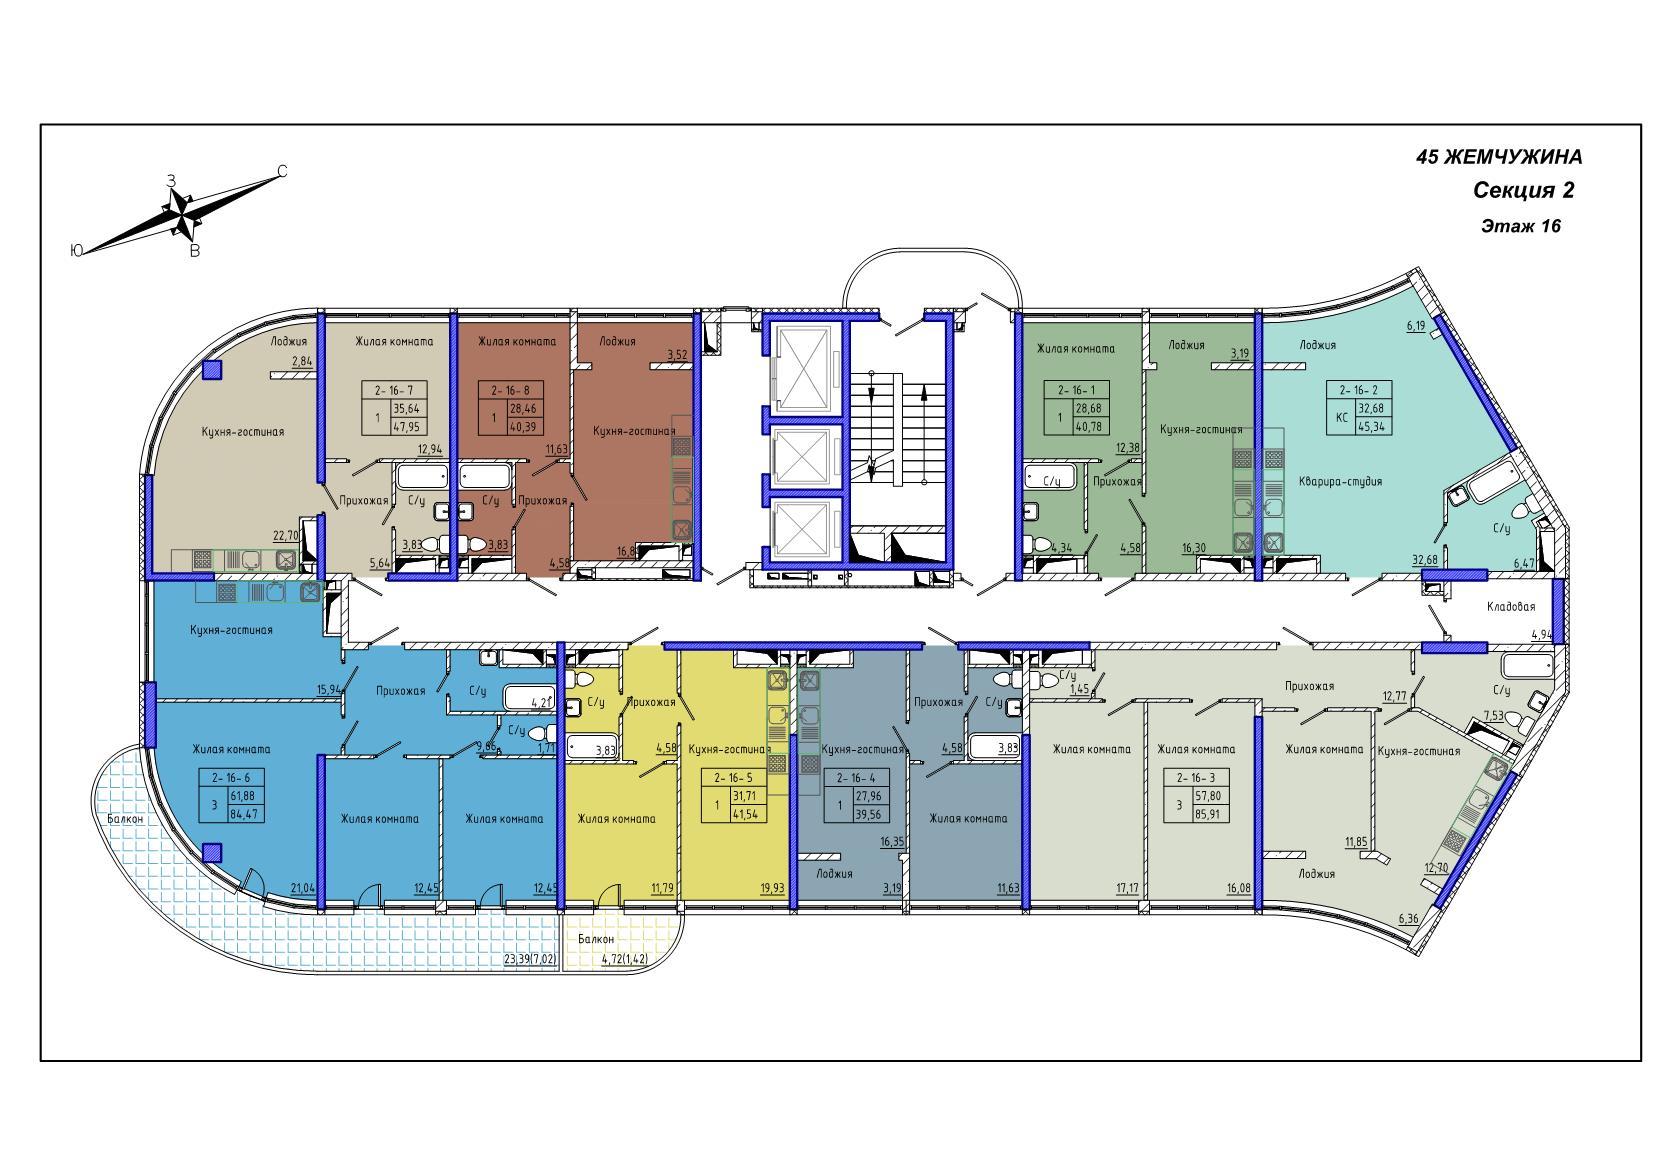 45 Жемчужина / Секция 2 / План 16-го этажа